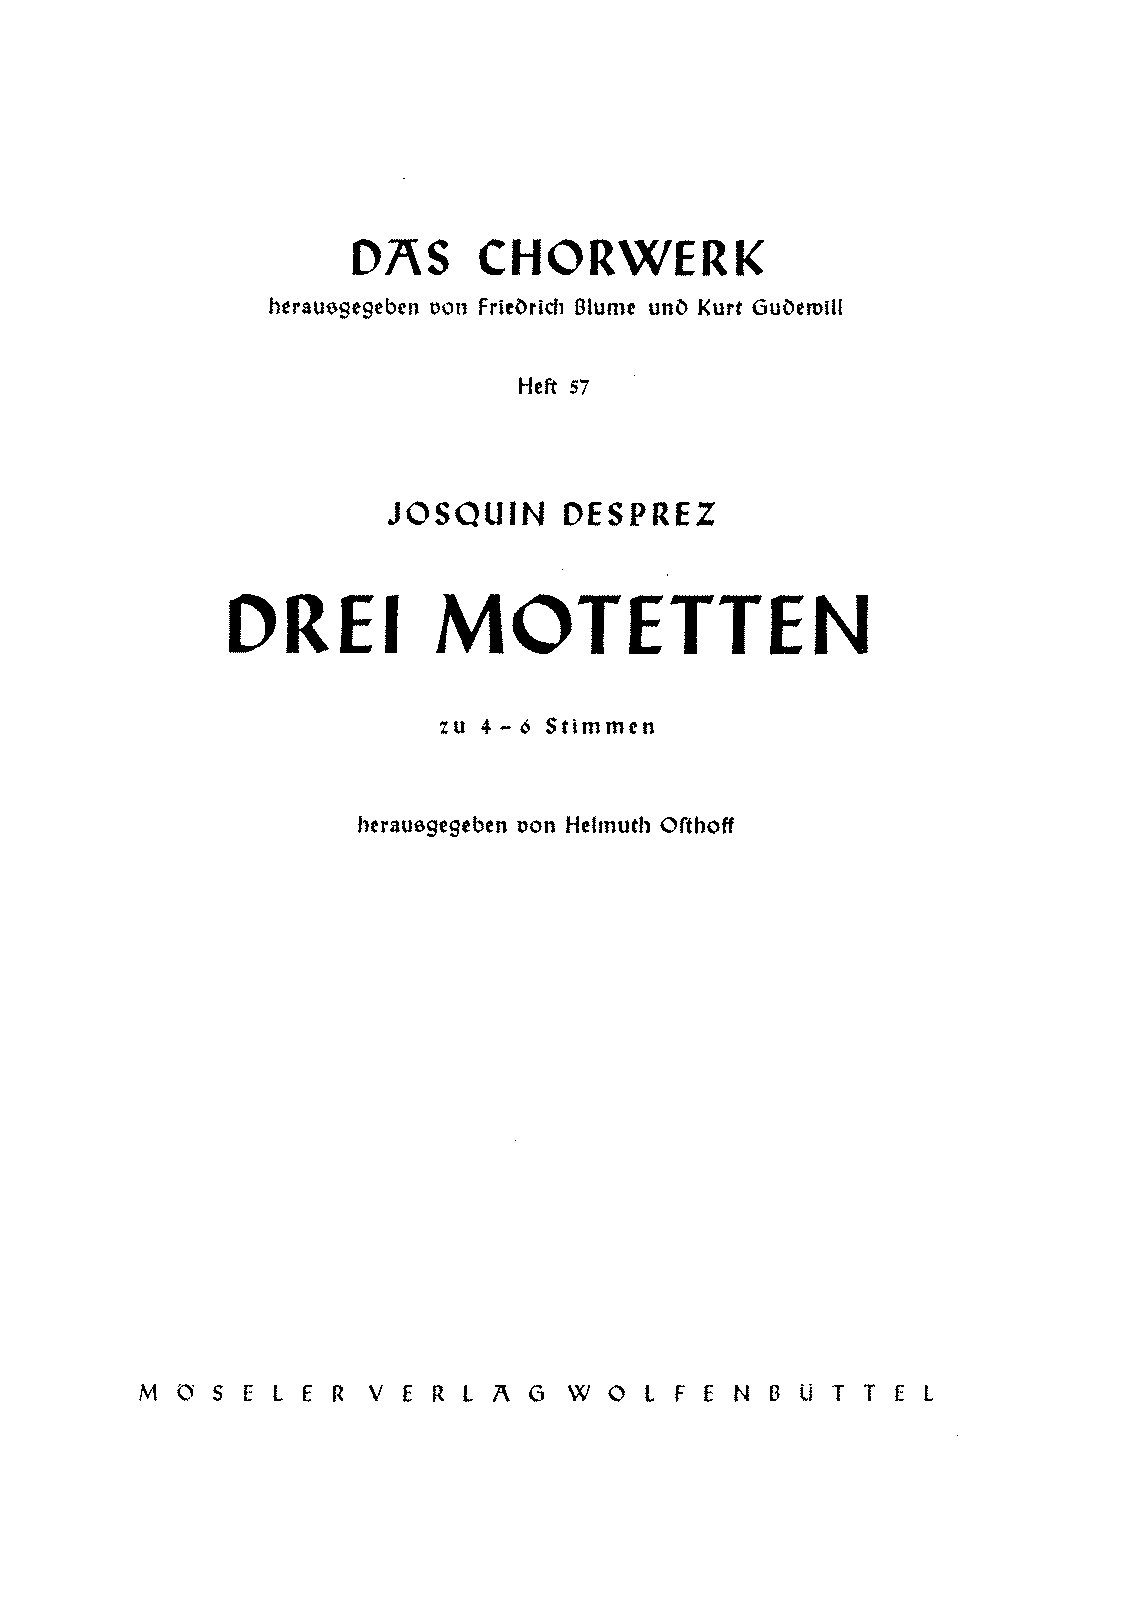 3 Motets (Josquin Desprez) - IMSLP/Petrucci Music Library: Free ...